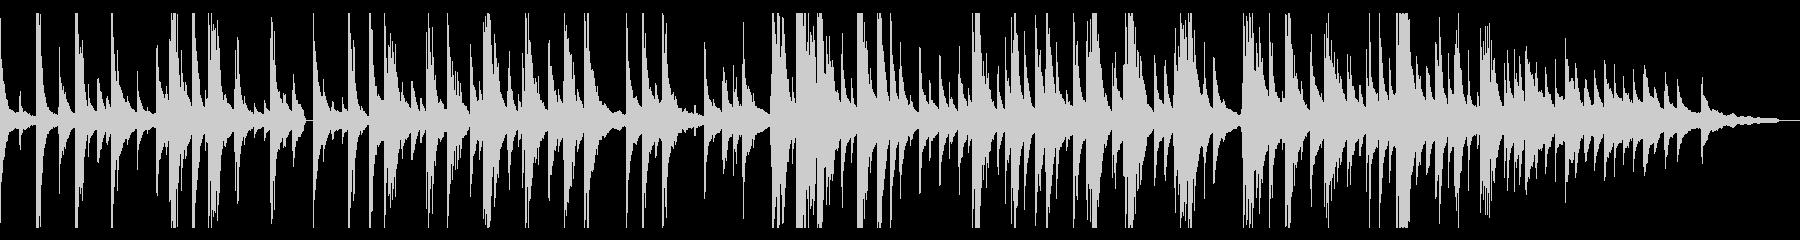 ゆったり静かなジャズピアノバラードソロの未再生の波形